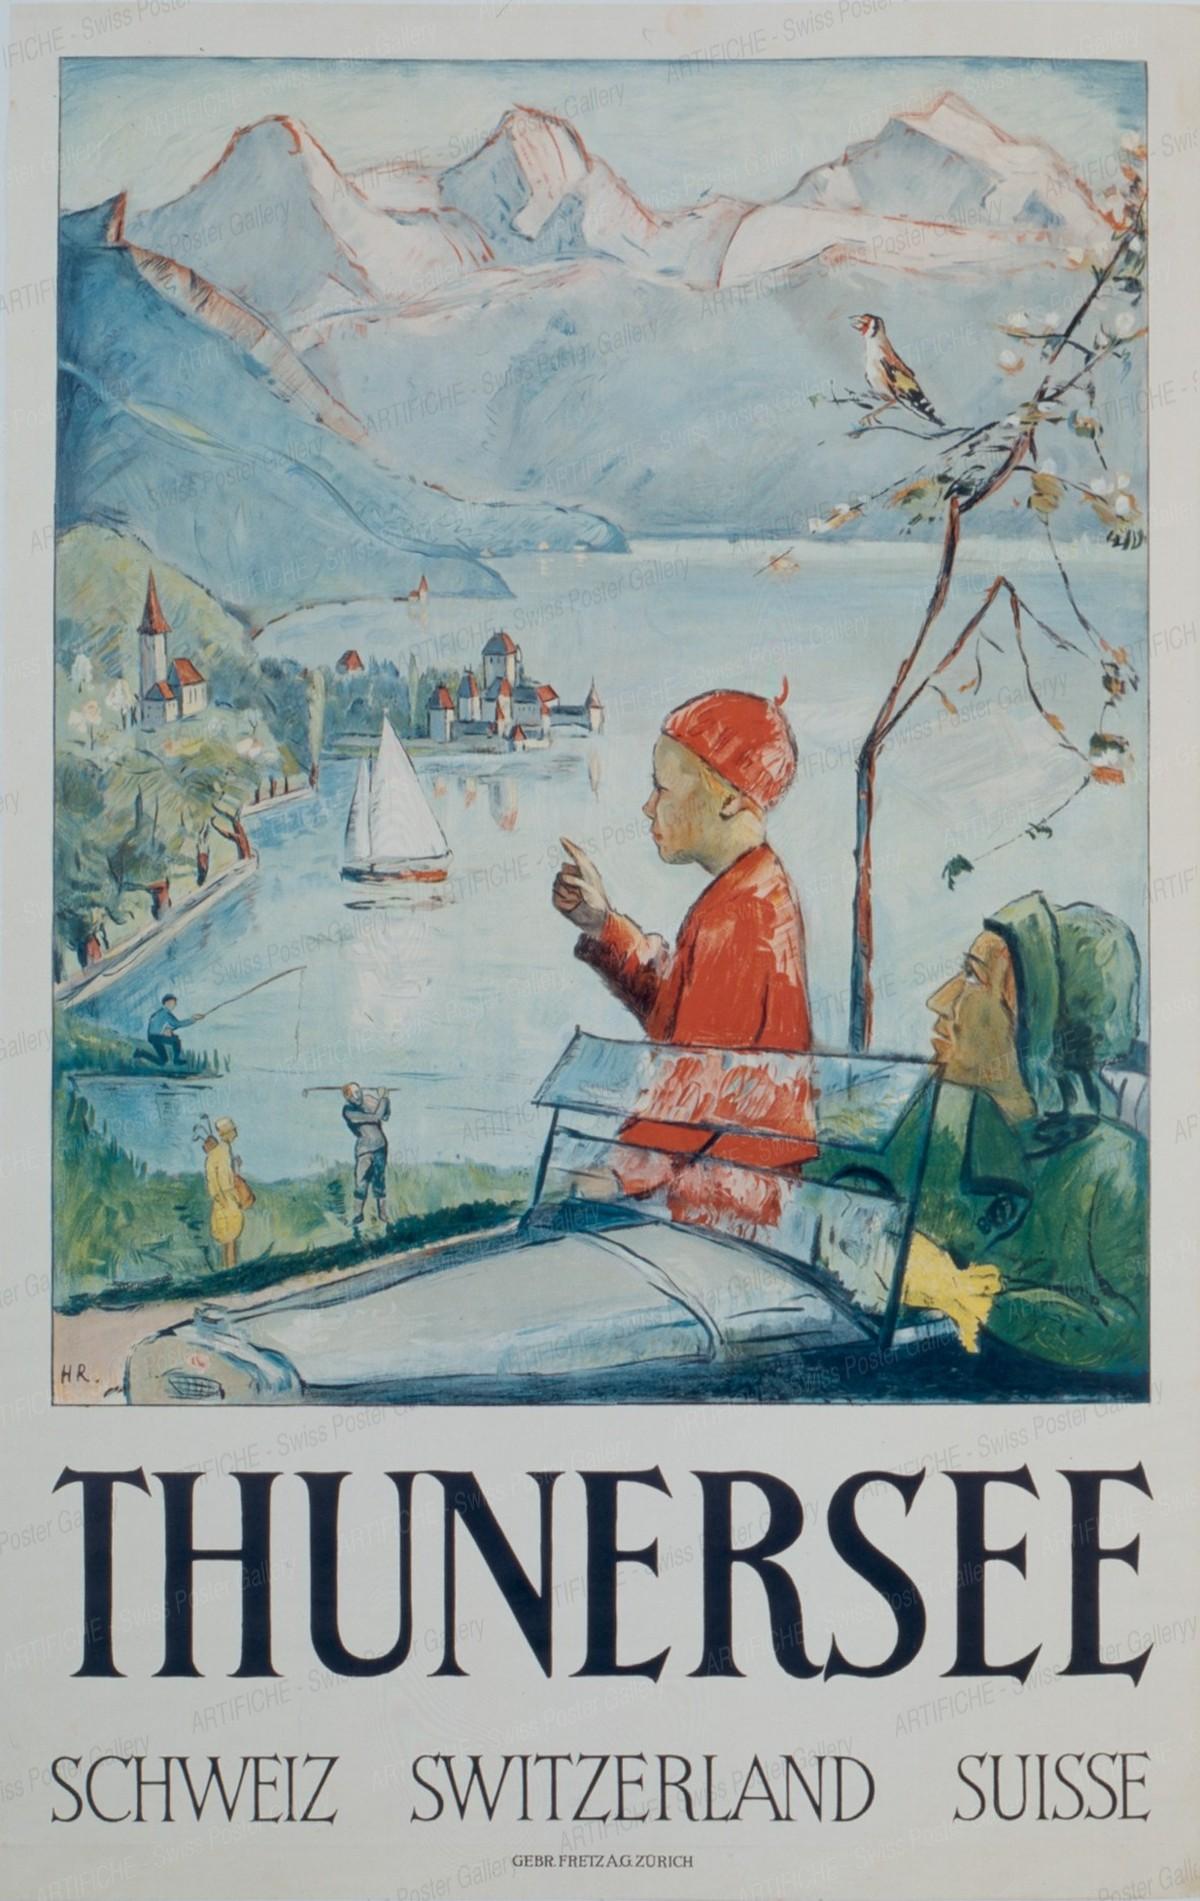 THUNERSEE Schweiz – Switzerland – Suisse, Monogram HR